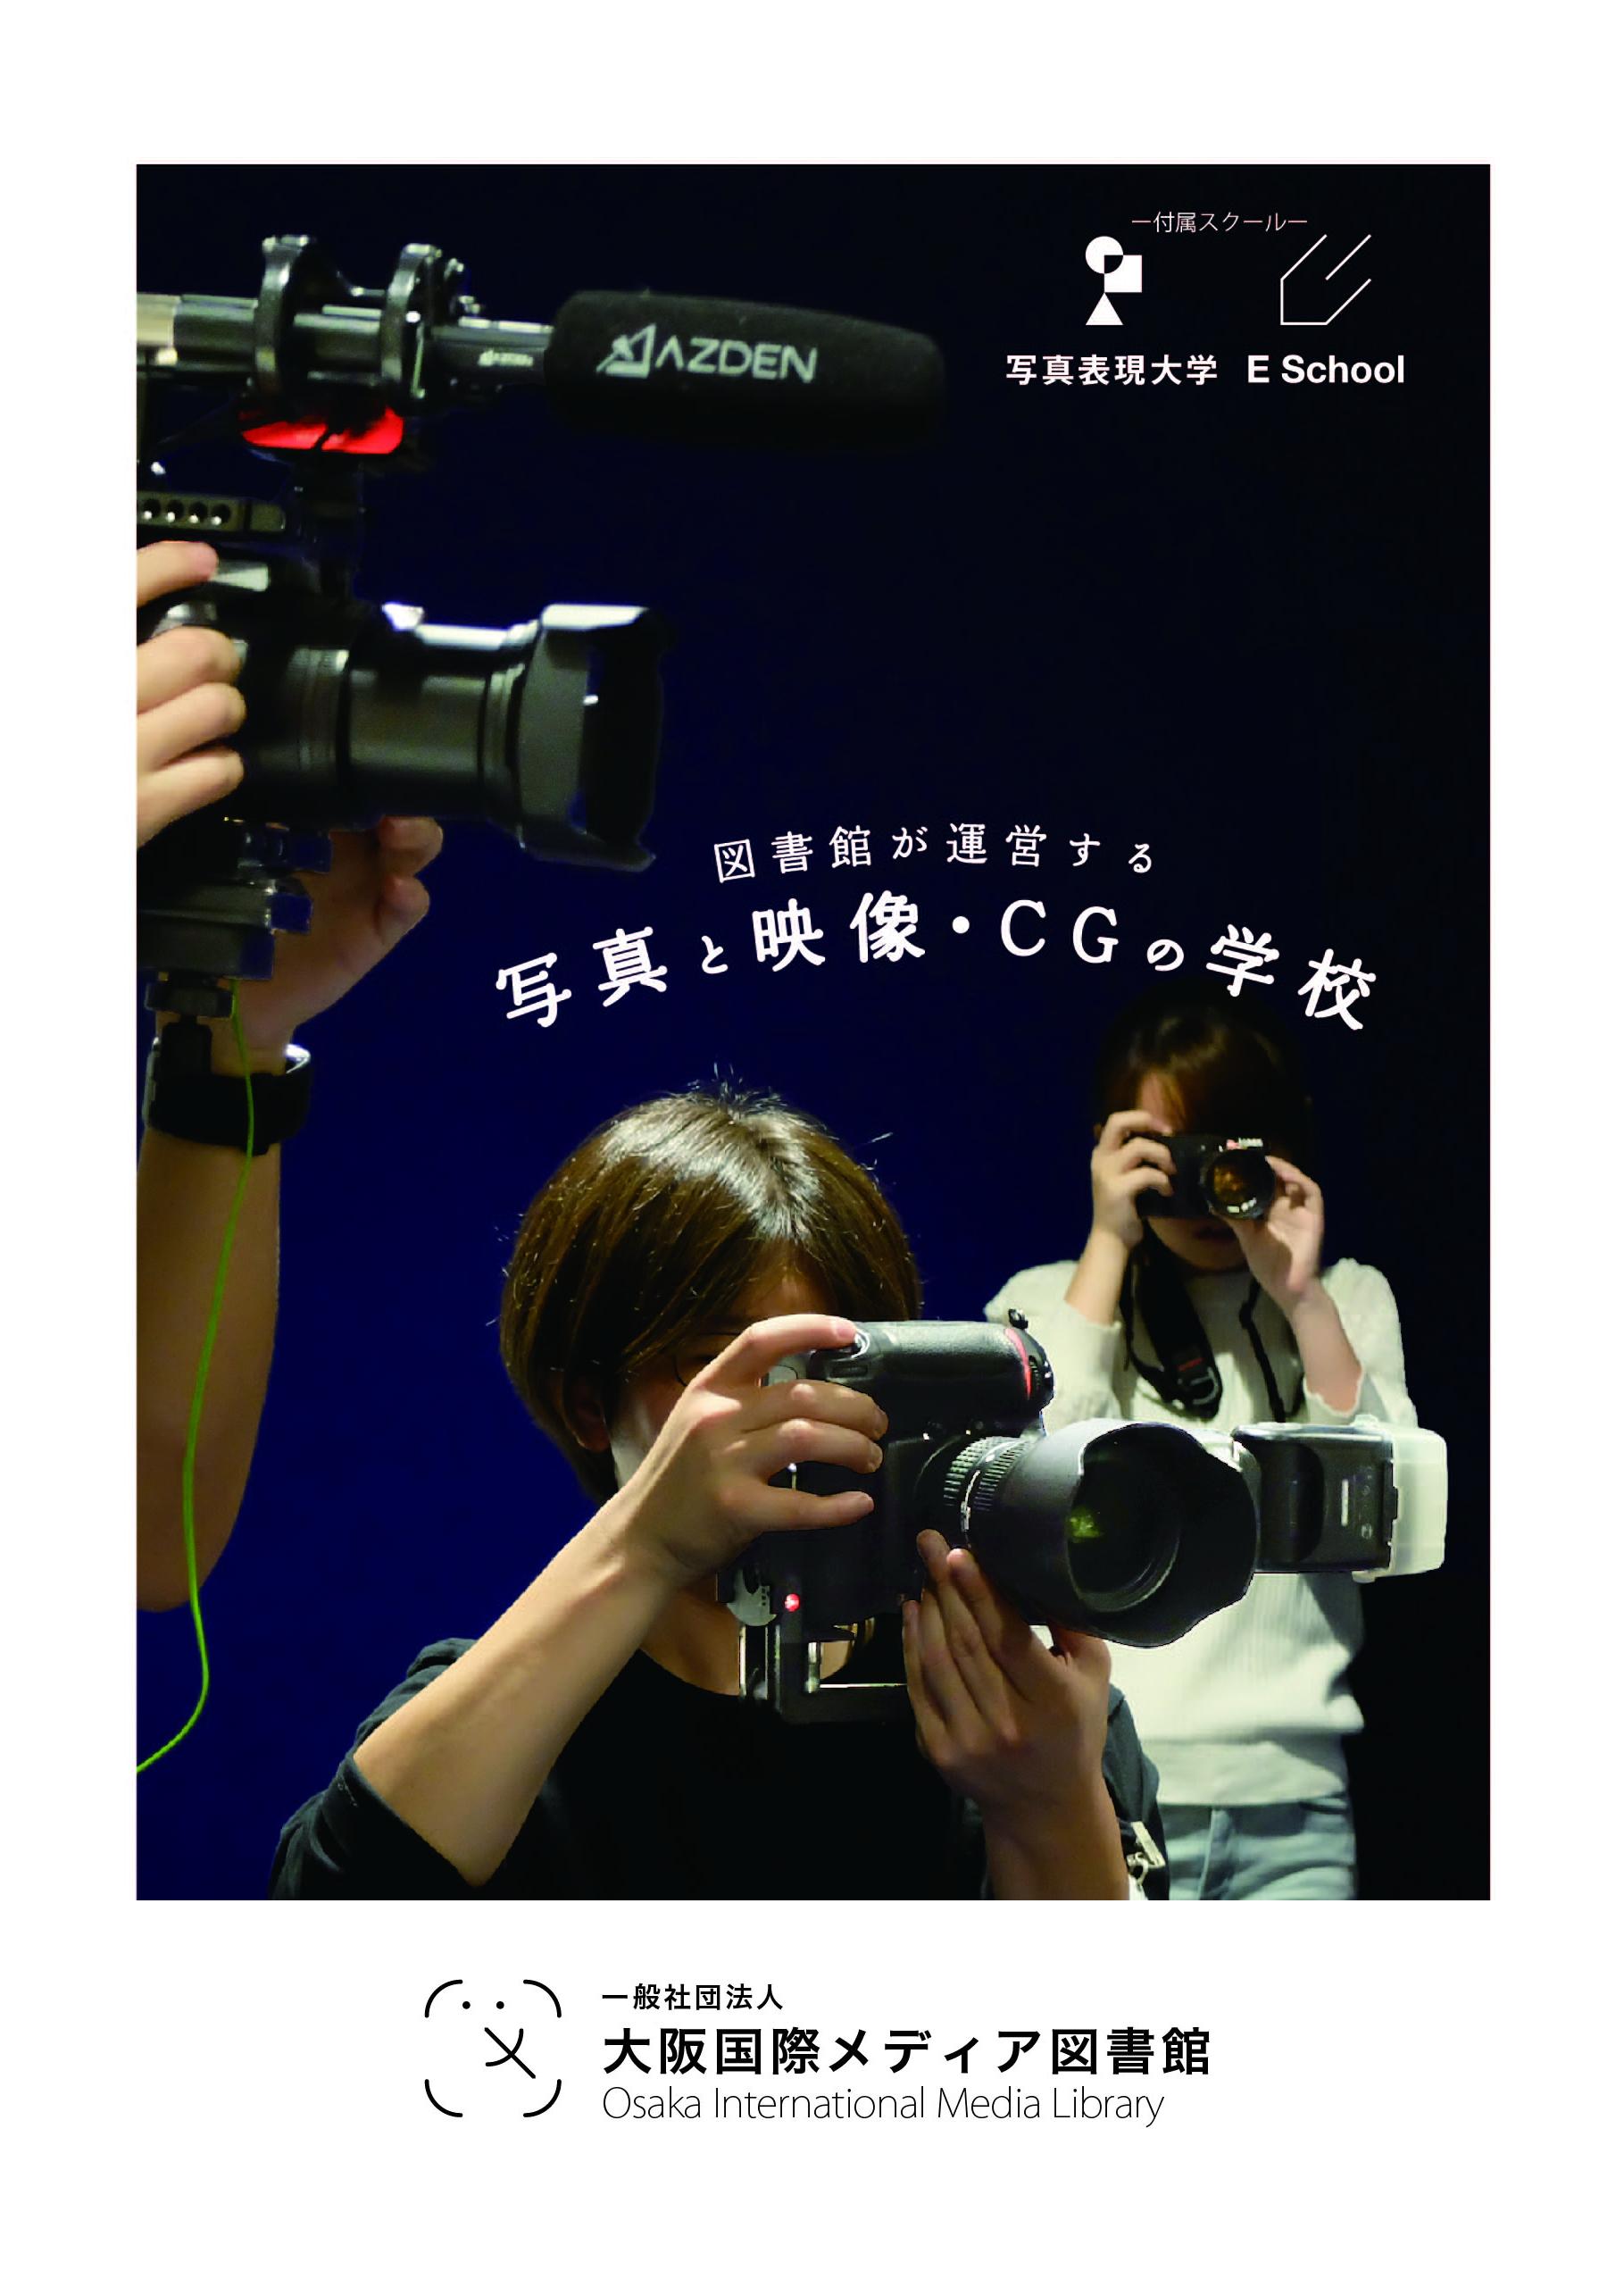 写真,映像,CG,ドローン,スクール,図書館,大阪,写真スクール,映像スクール,CGスクール,ドローンスクール,教室,ドキュメンタリー,ゲーミフィケーション